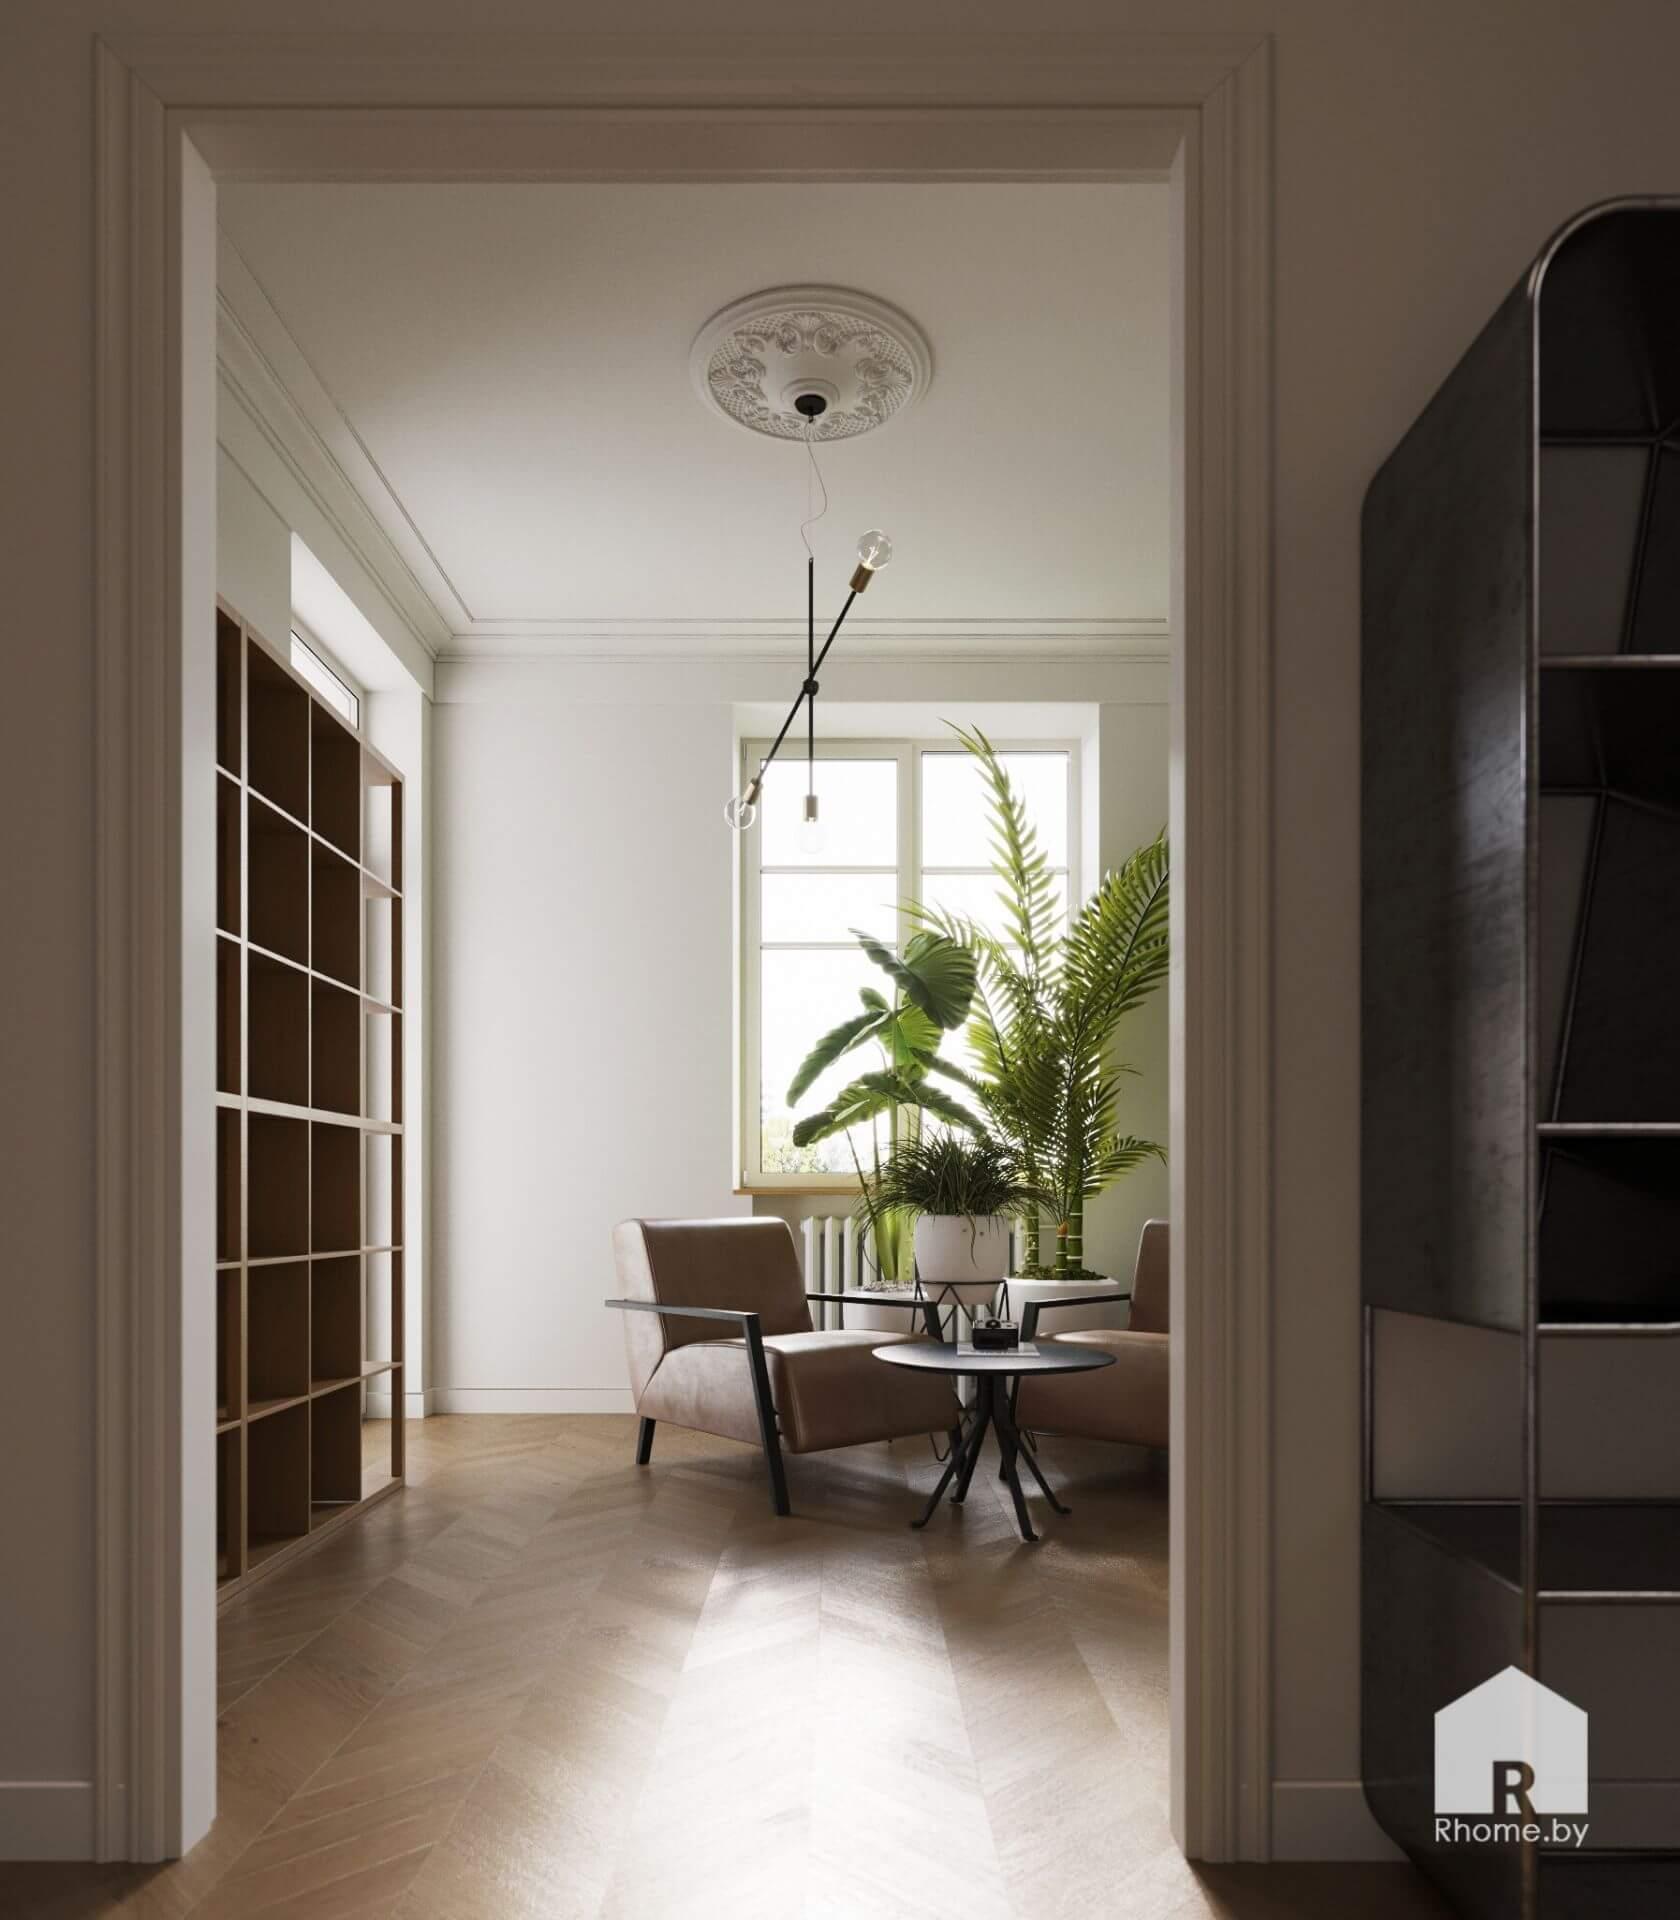 Вид на библиотеку из коридора: окно, минималистичная люстра, книжная полка, кресло и кофейный столик.